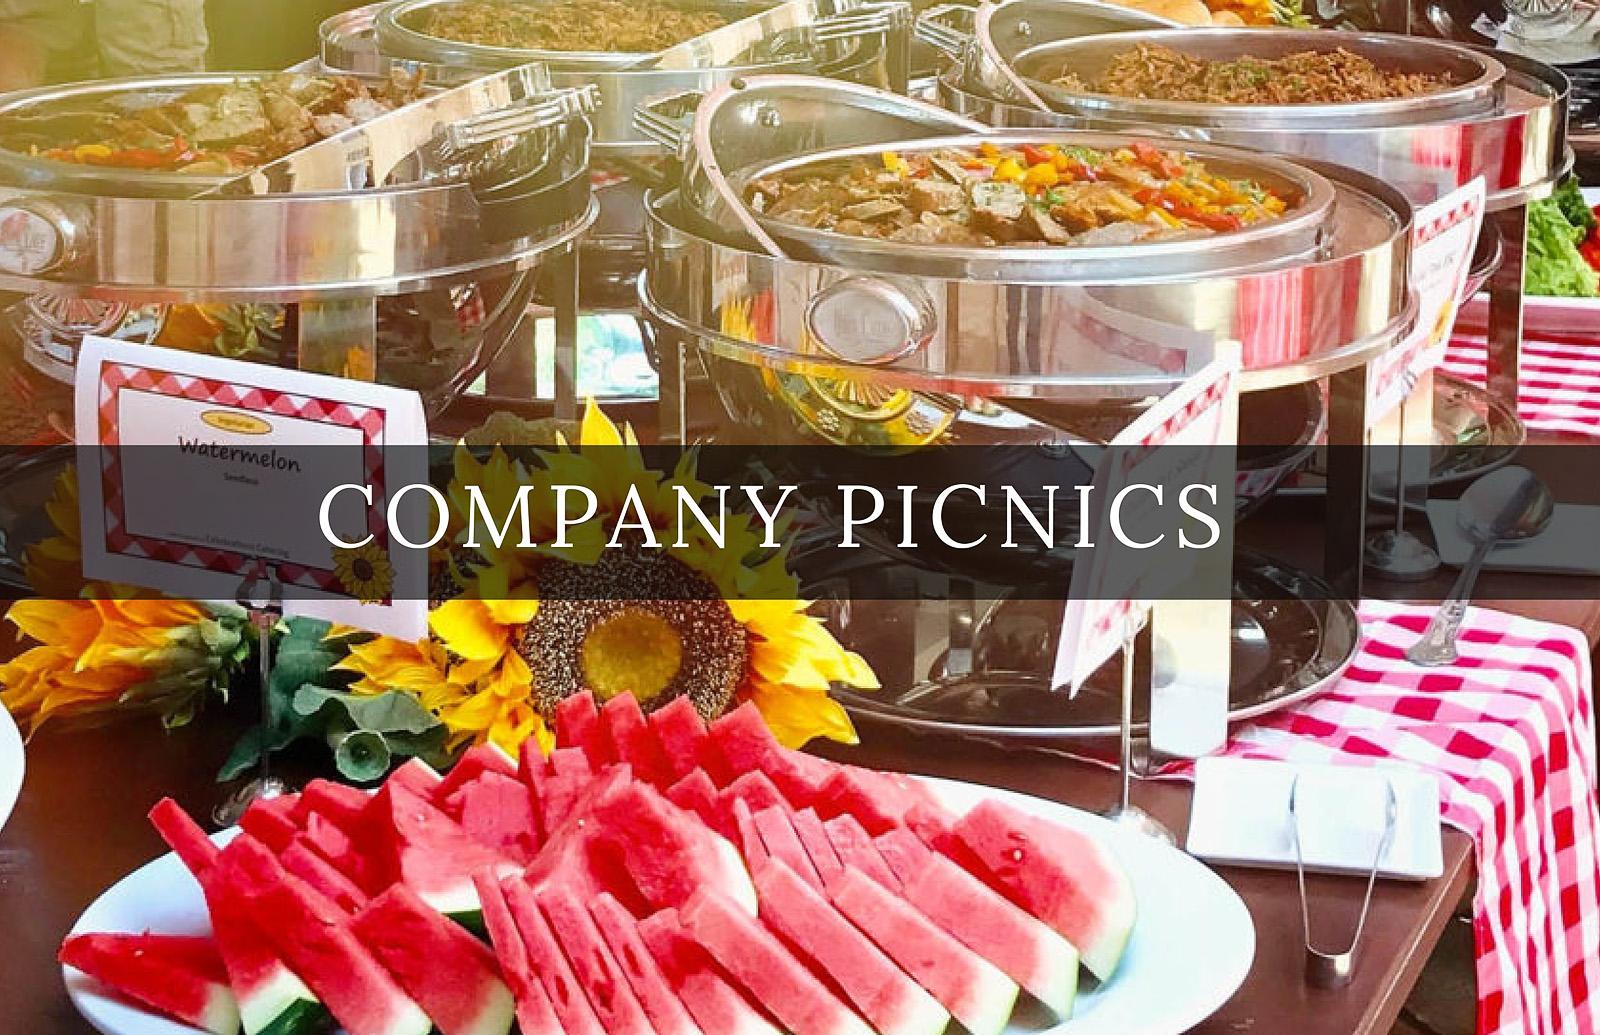 Company Picnics